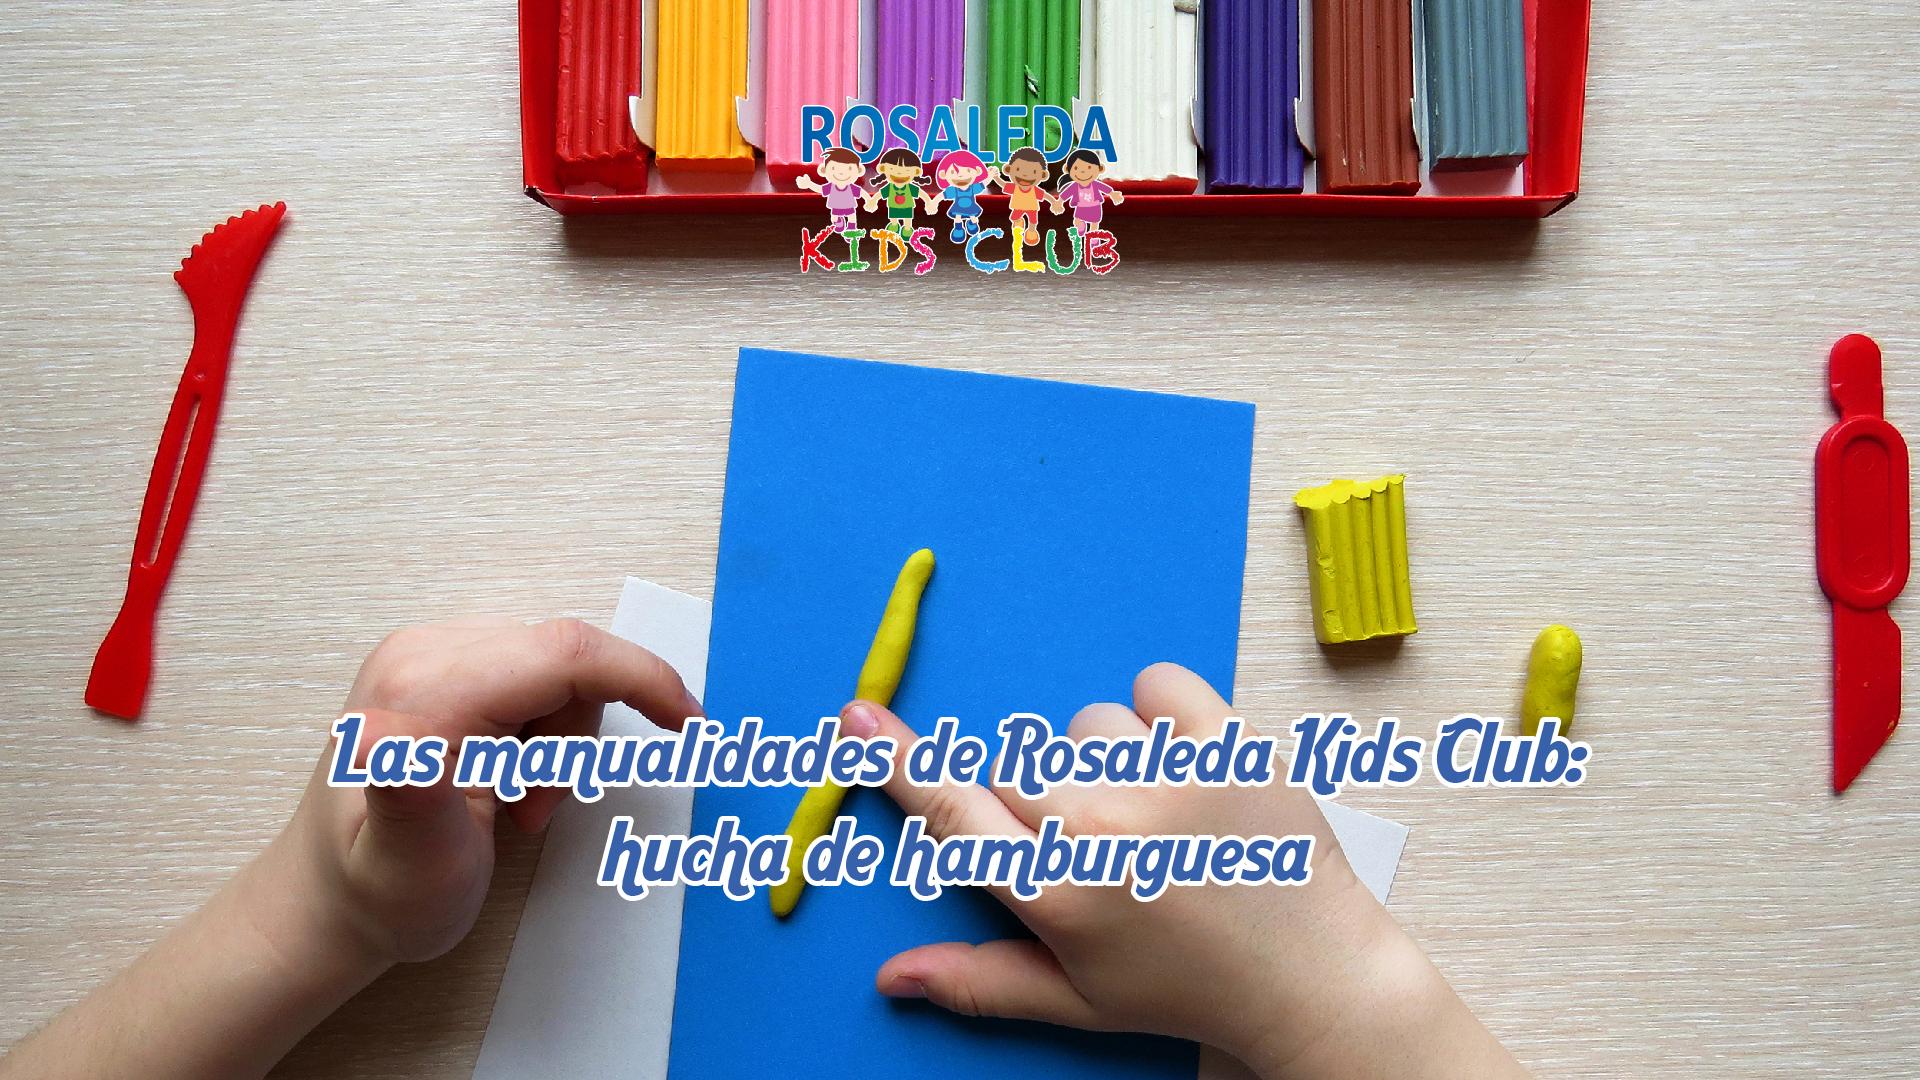 Las manualidades de Rosaleda Kids Club: hucha de hamburguesa